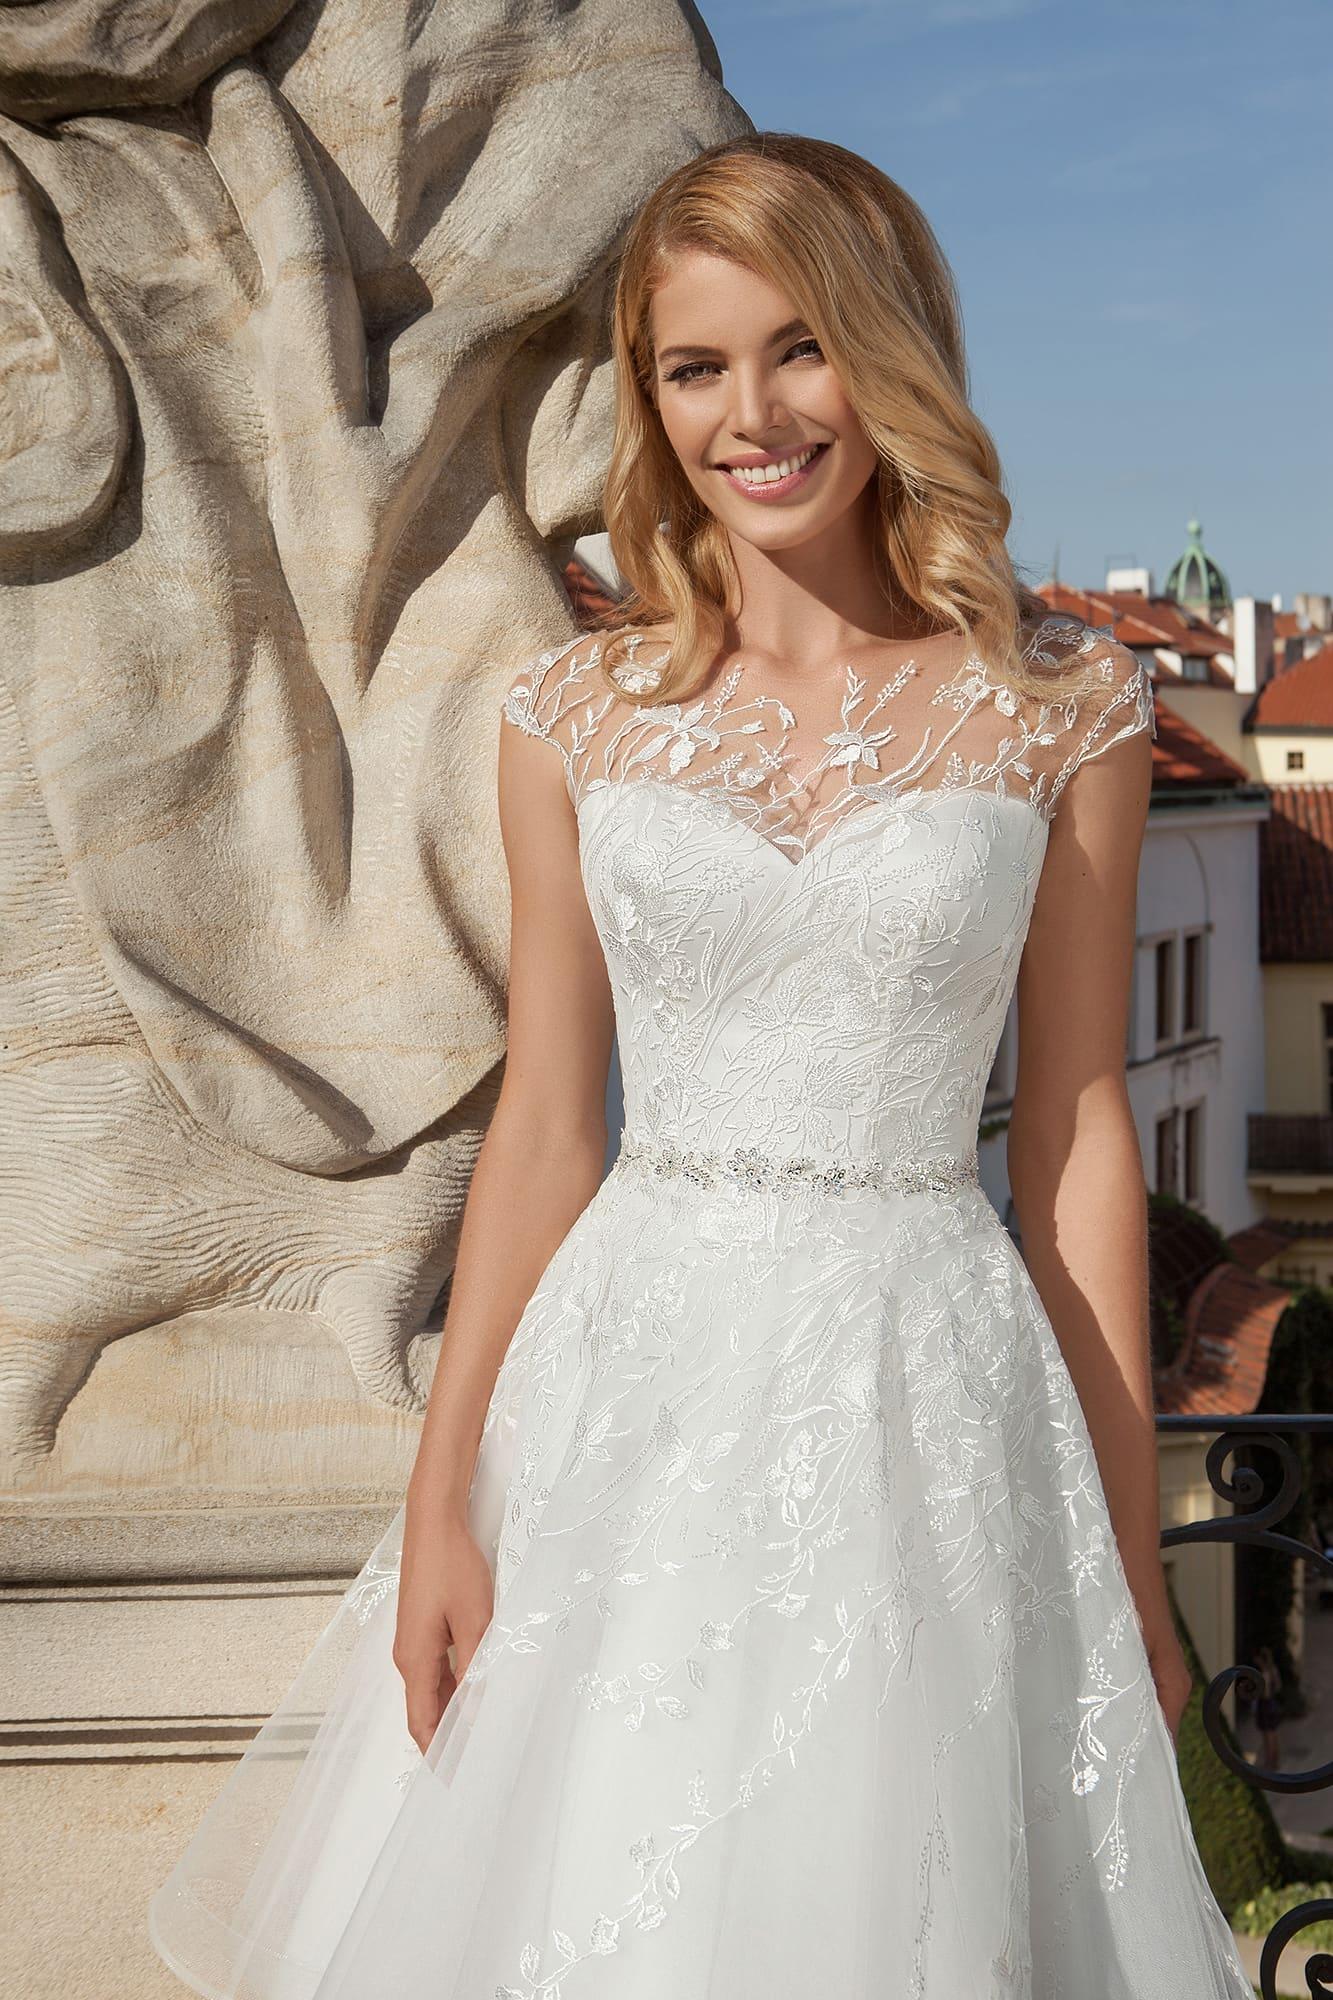 880ea3cd9f4 Короткое свадебное платье с тонкой вставкой над лифом-сердечком и пышной  юбкой до колена.